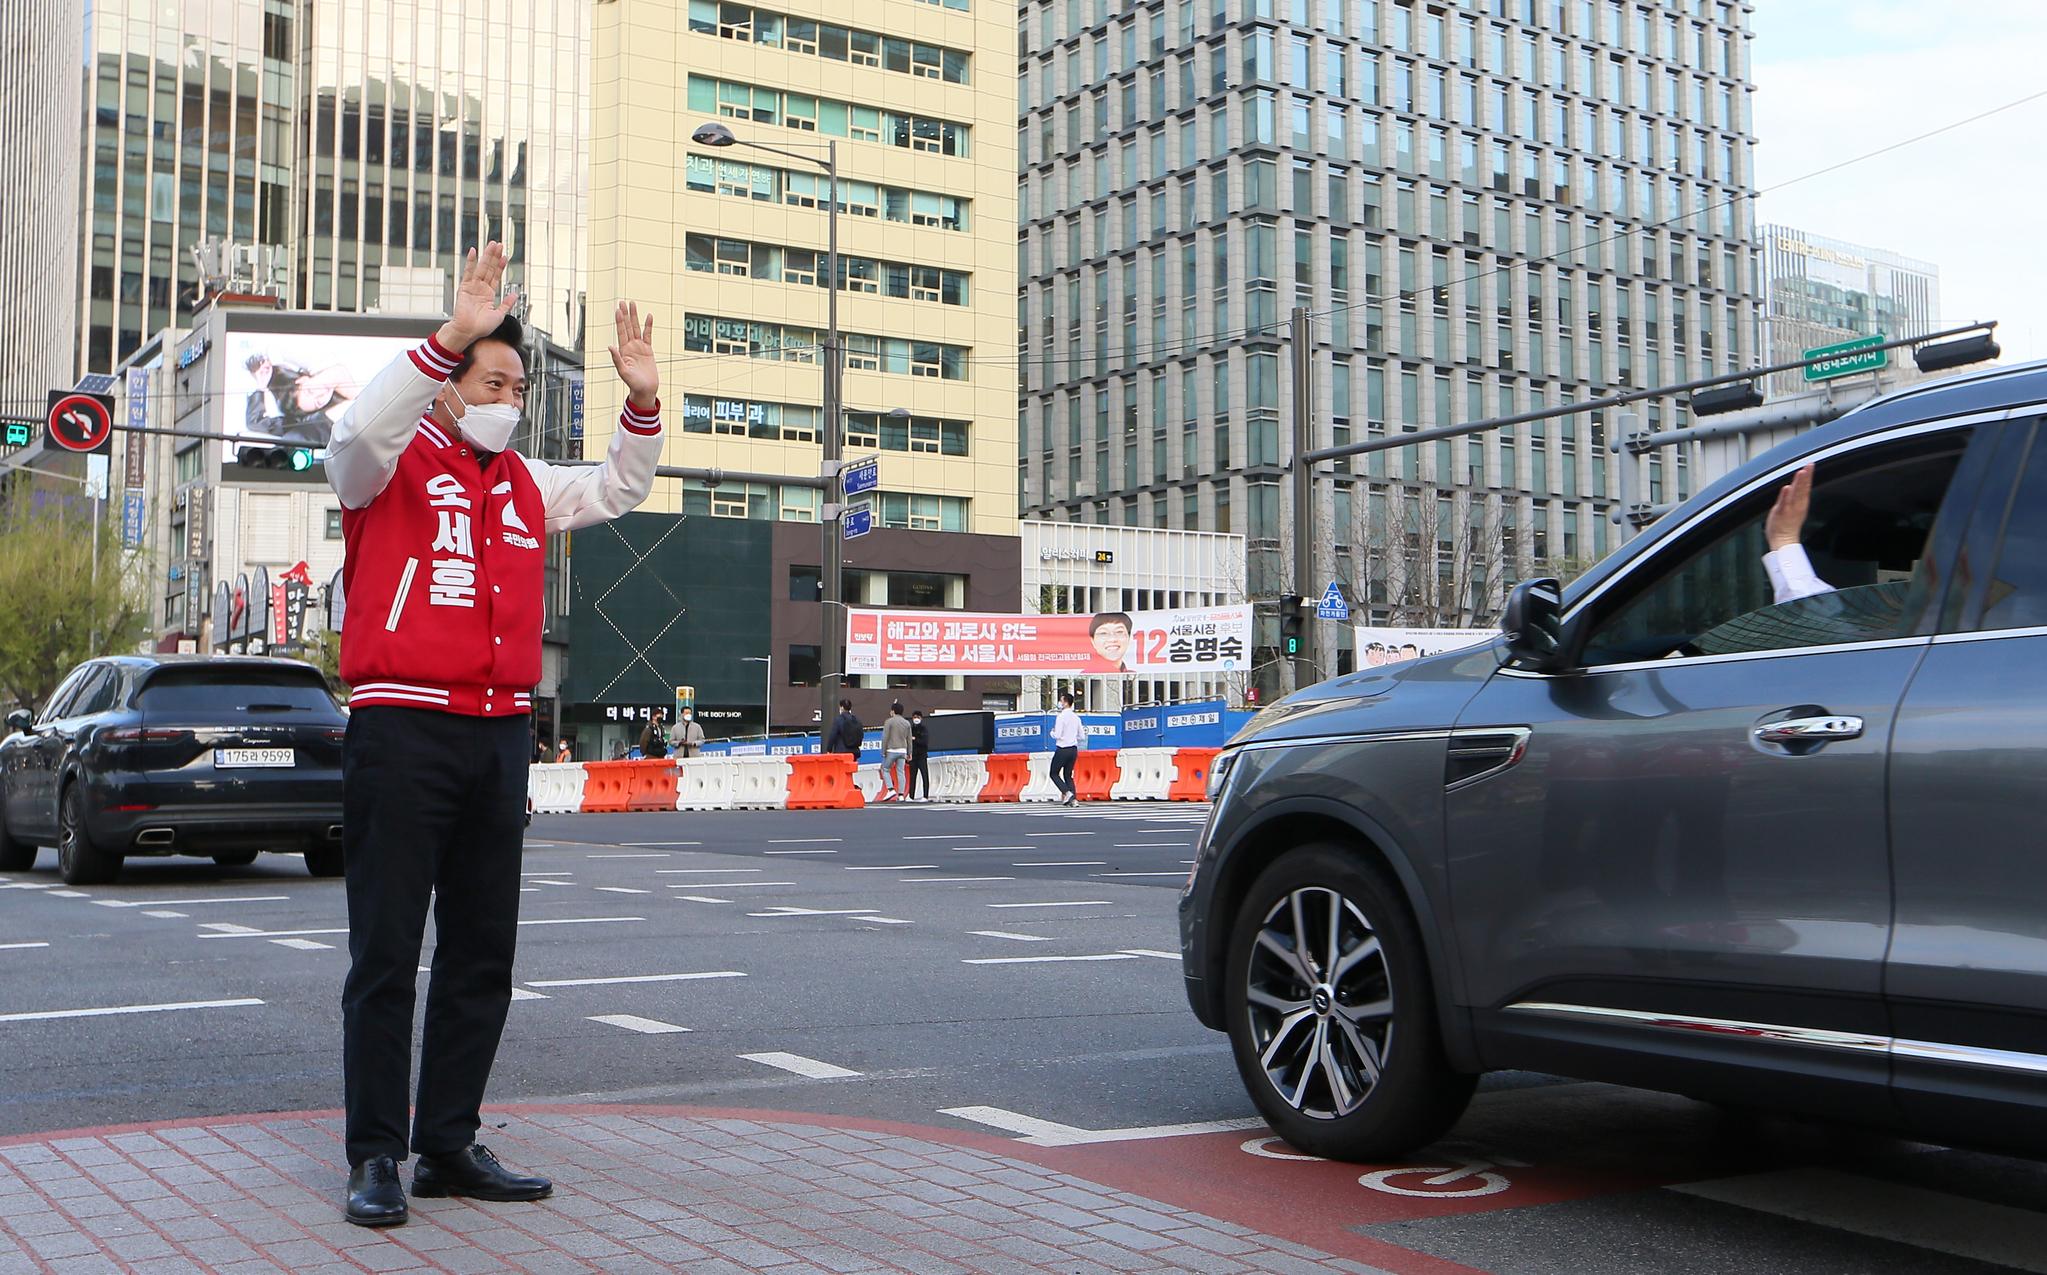 오세훈 국민의힘 서울시장 후보가 2일 오전 서울 세종대로사거리에서 출근길 시민들을 향해 인사하고 있다. 뉴스1